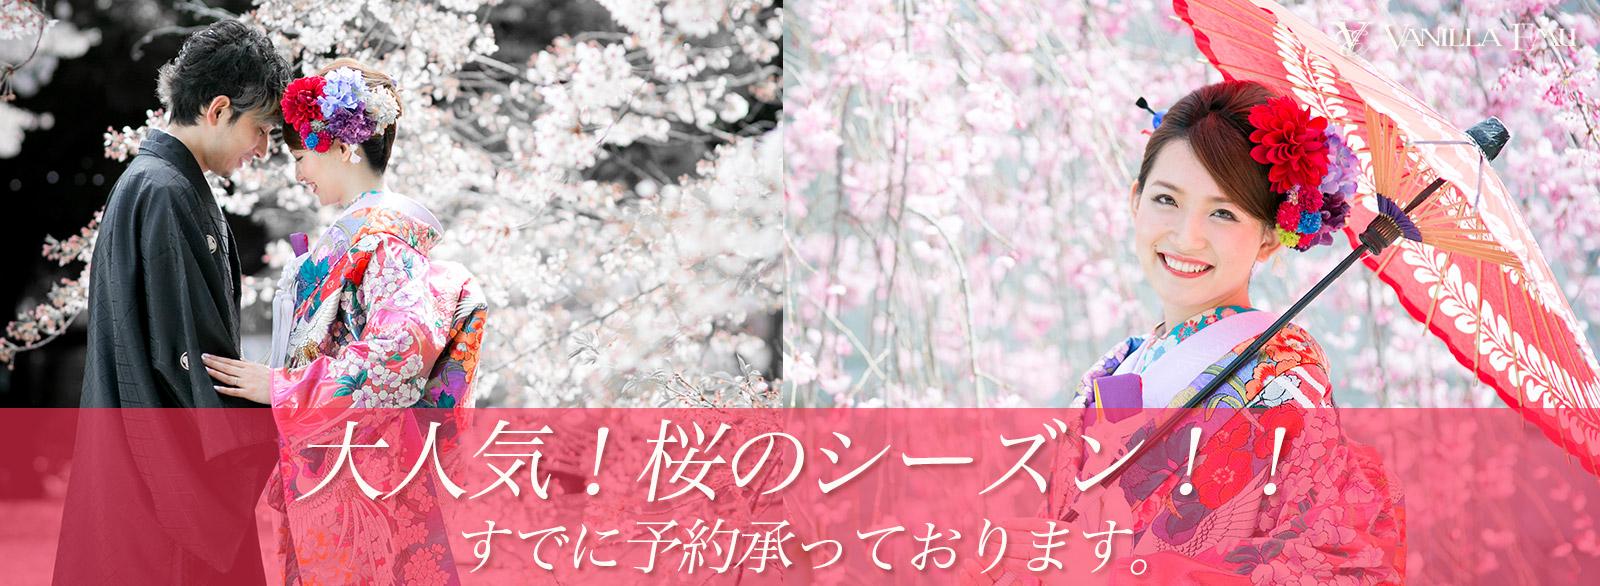 大人気!桜のシーズン!!前撮り